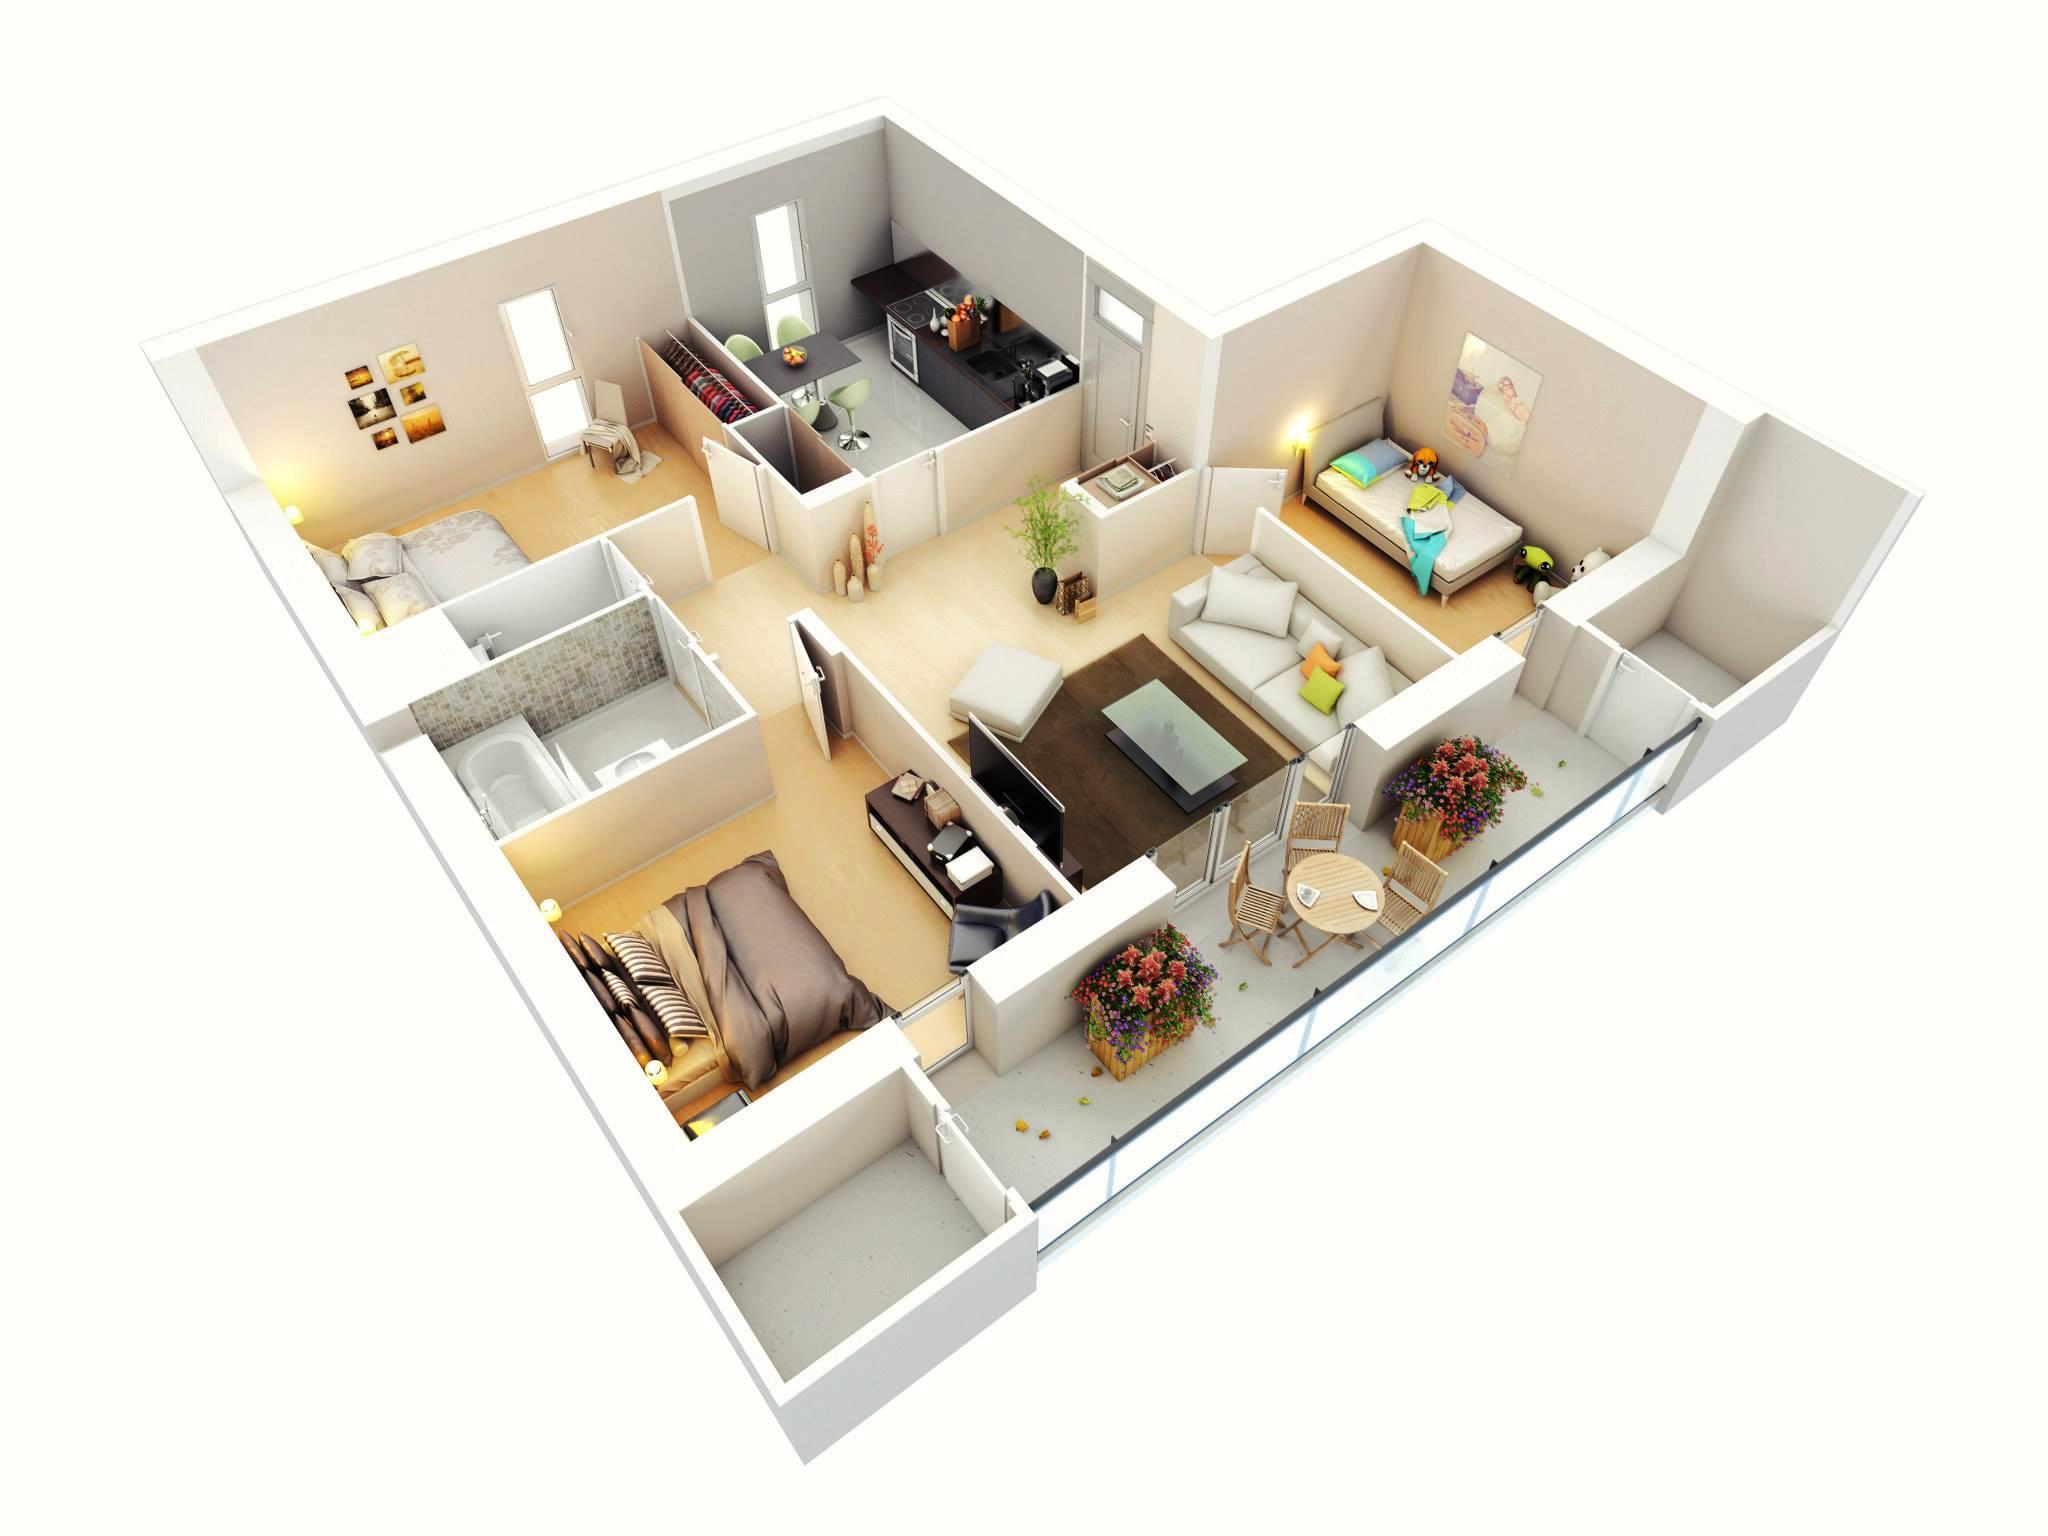 25 More 3 Bedroom 3d Floor Plans Architecture Design Apartment Floor Plans House Floor Plans Bedroom House Plans